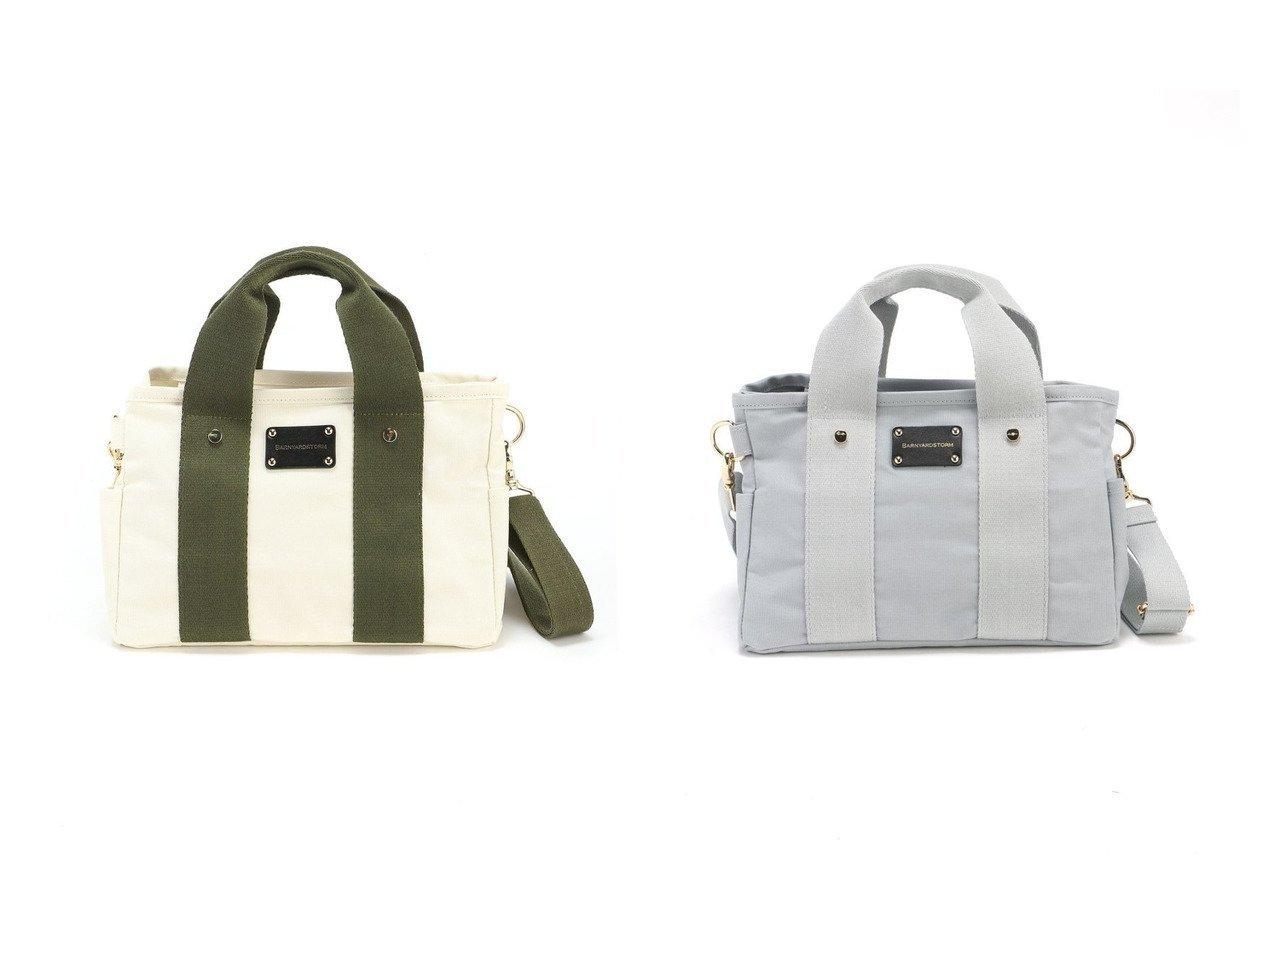 【BARNYARDSTORM/バンヤードストーム】のライトキャンバストートM バッグ・鞄のおすすめ!人気、トレンド・レディースファッションの通販 おすすめで人気の流行・トレンド、ファッションの通販商品 メンズファッション・キッズファッション・インテリア・家具・レディースファッション・服の通販 founy(ファニー) https://founy.com/ ファッション Fashion レディースファッション WOMEN バッグ Bag NEW・新作・新着・新入荷 New Arrivals キャンバス ショルダー シンプル プレート ポケット リュクス 人気 軽量 |ID:crp329100000022624